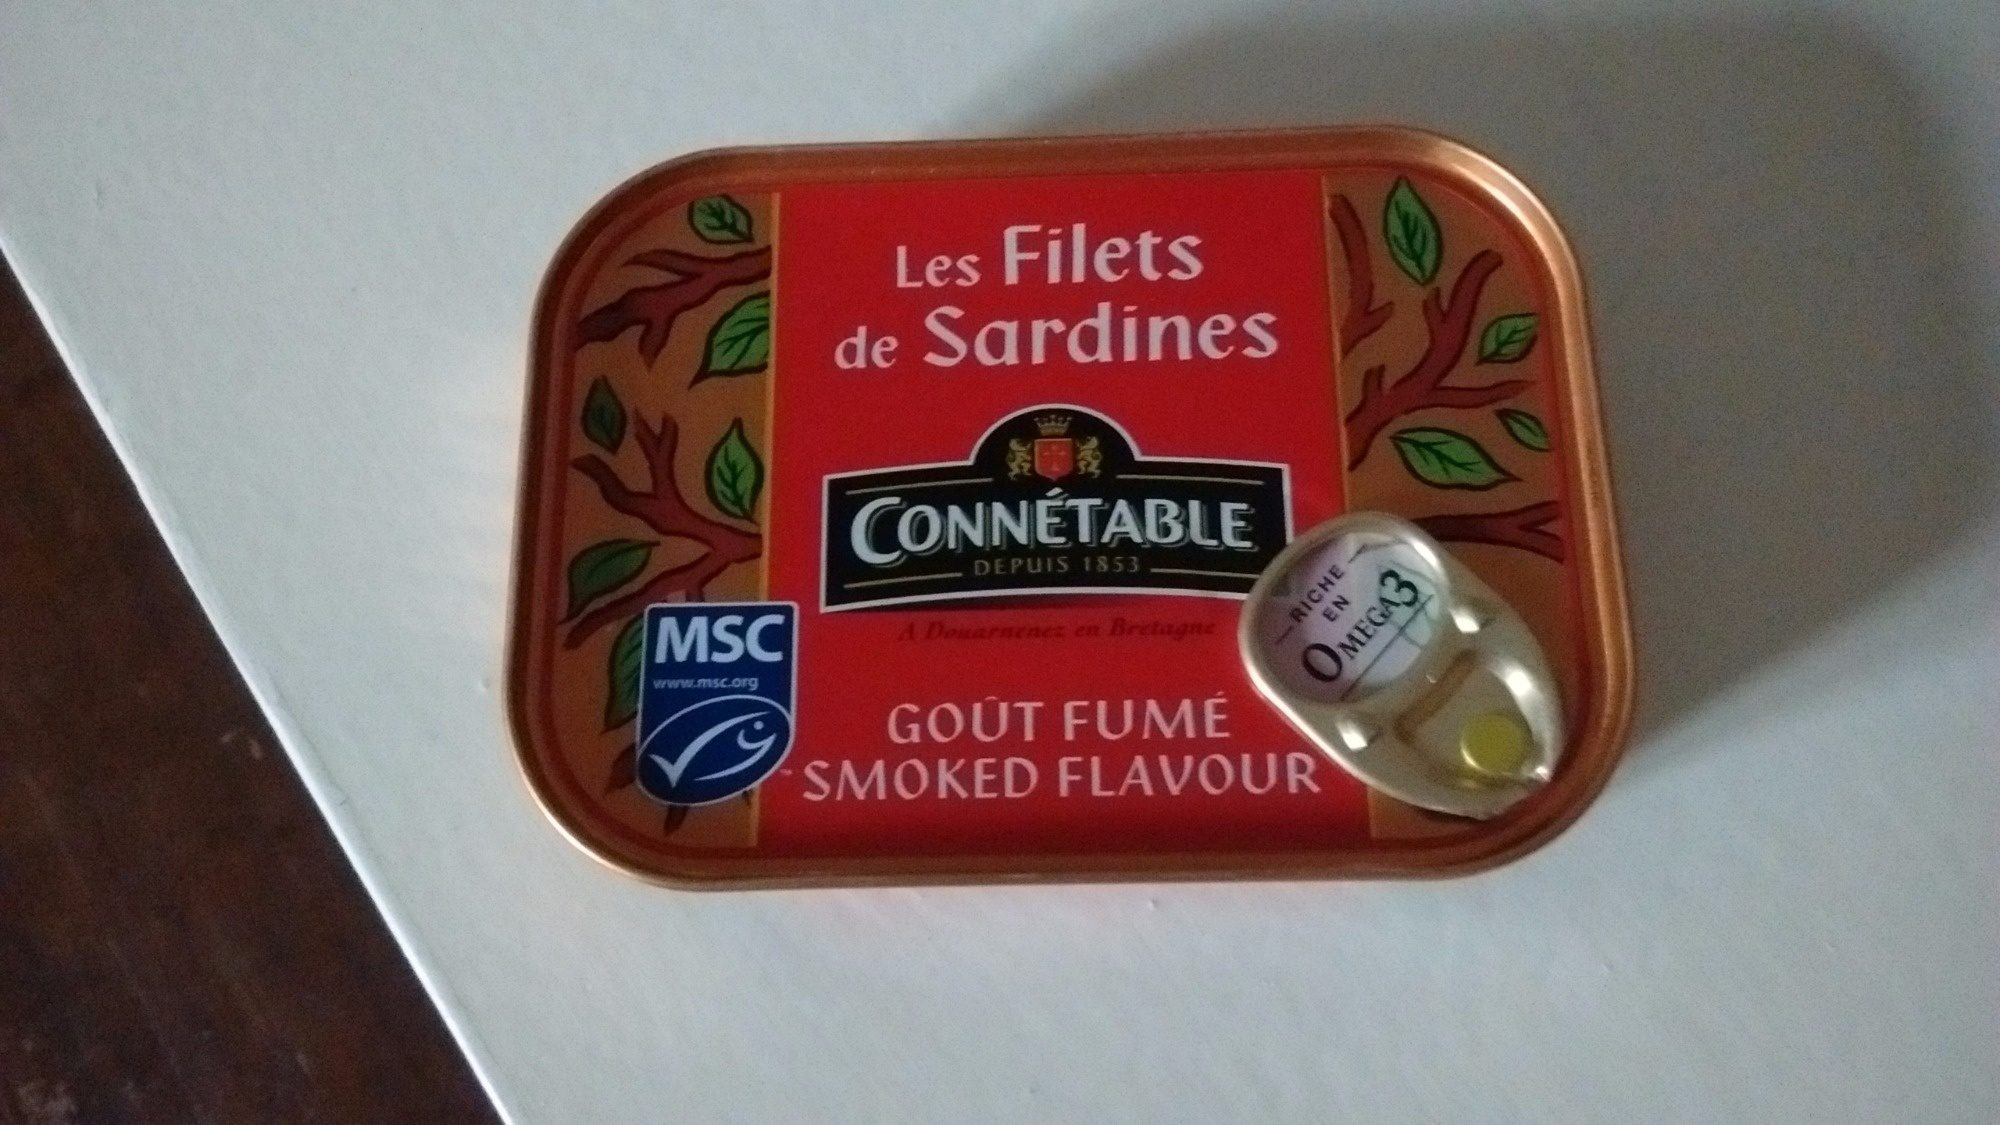 Les Filets de Sardines Goût Fumé - Product